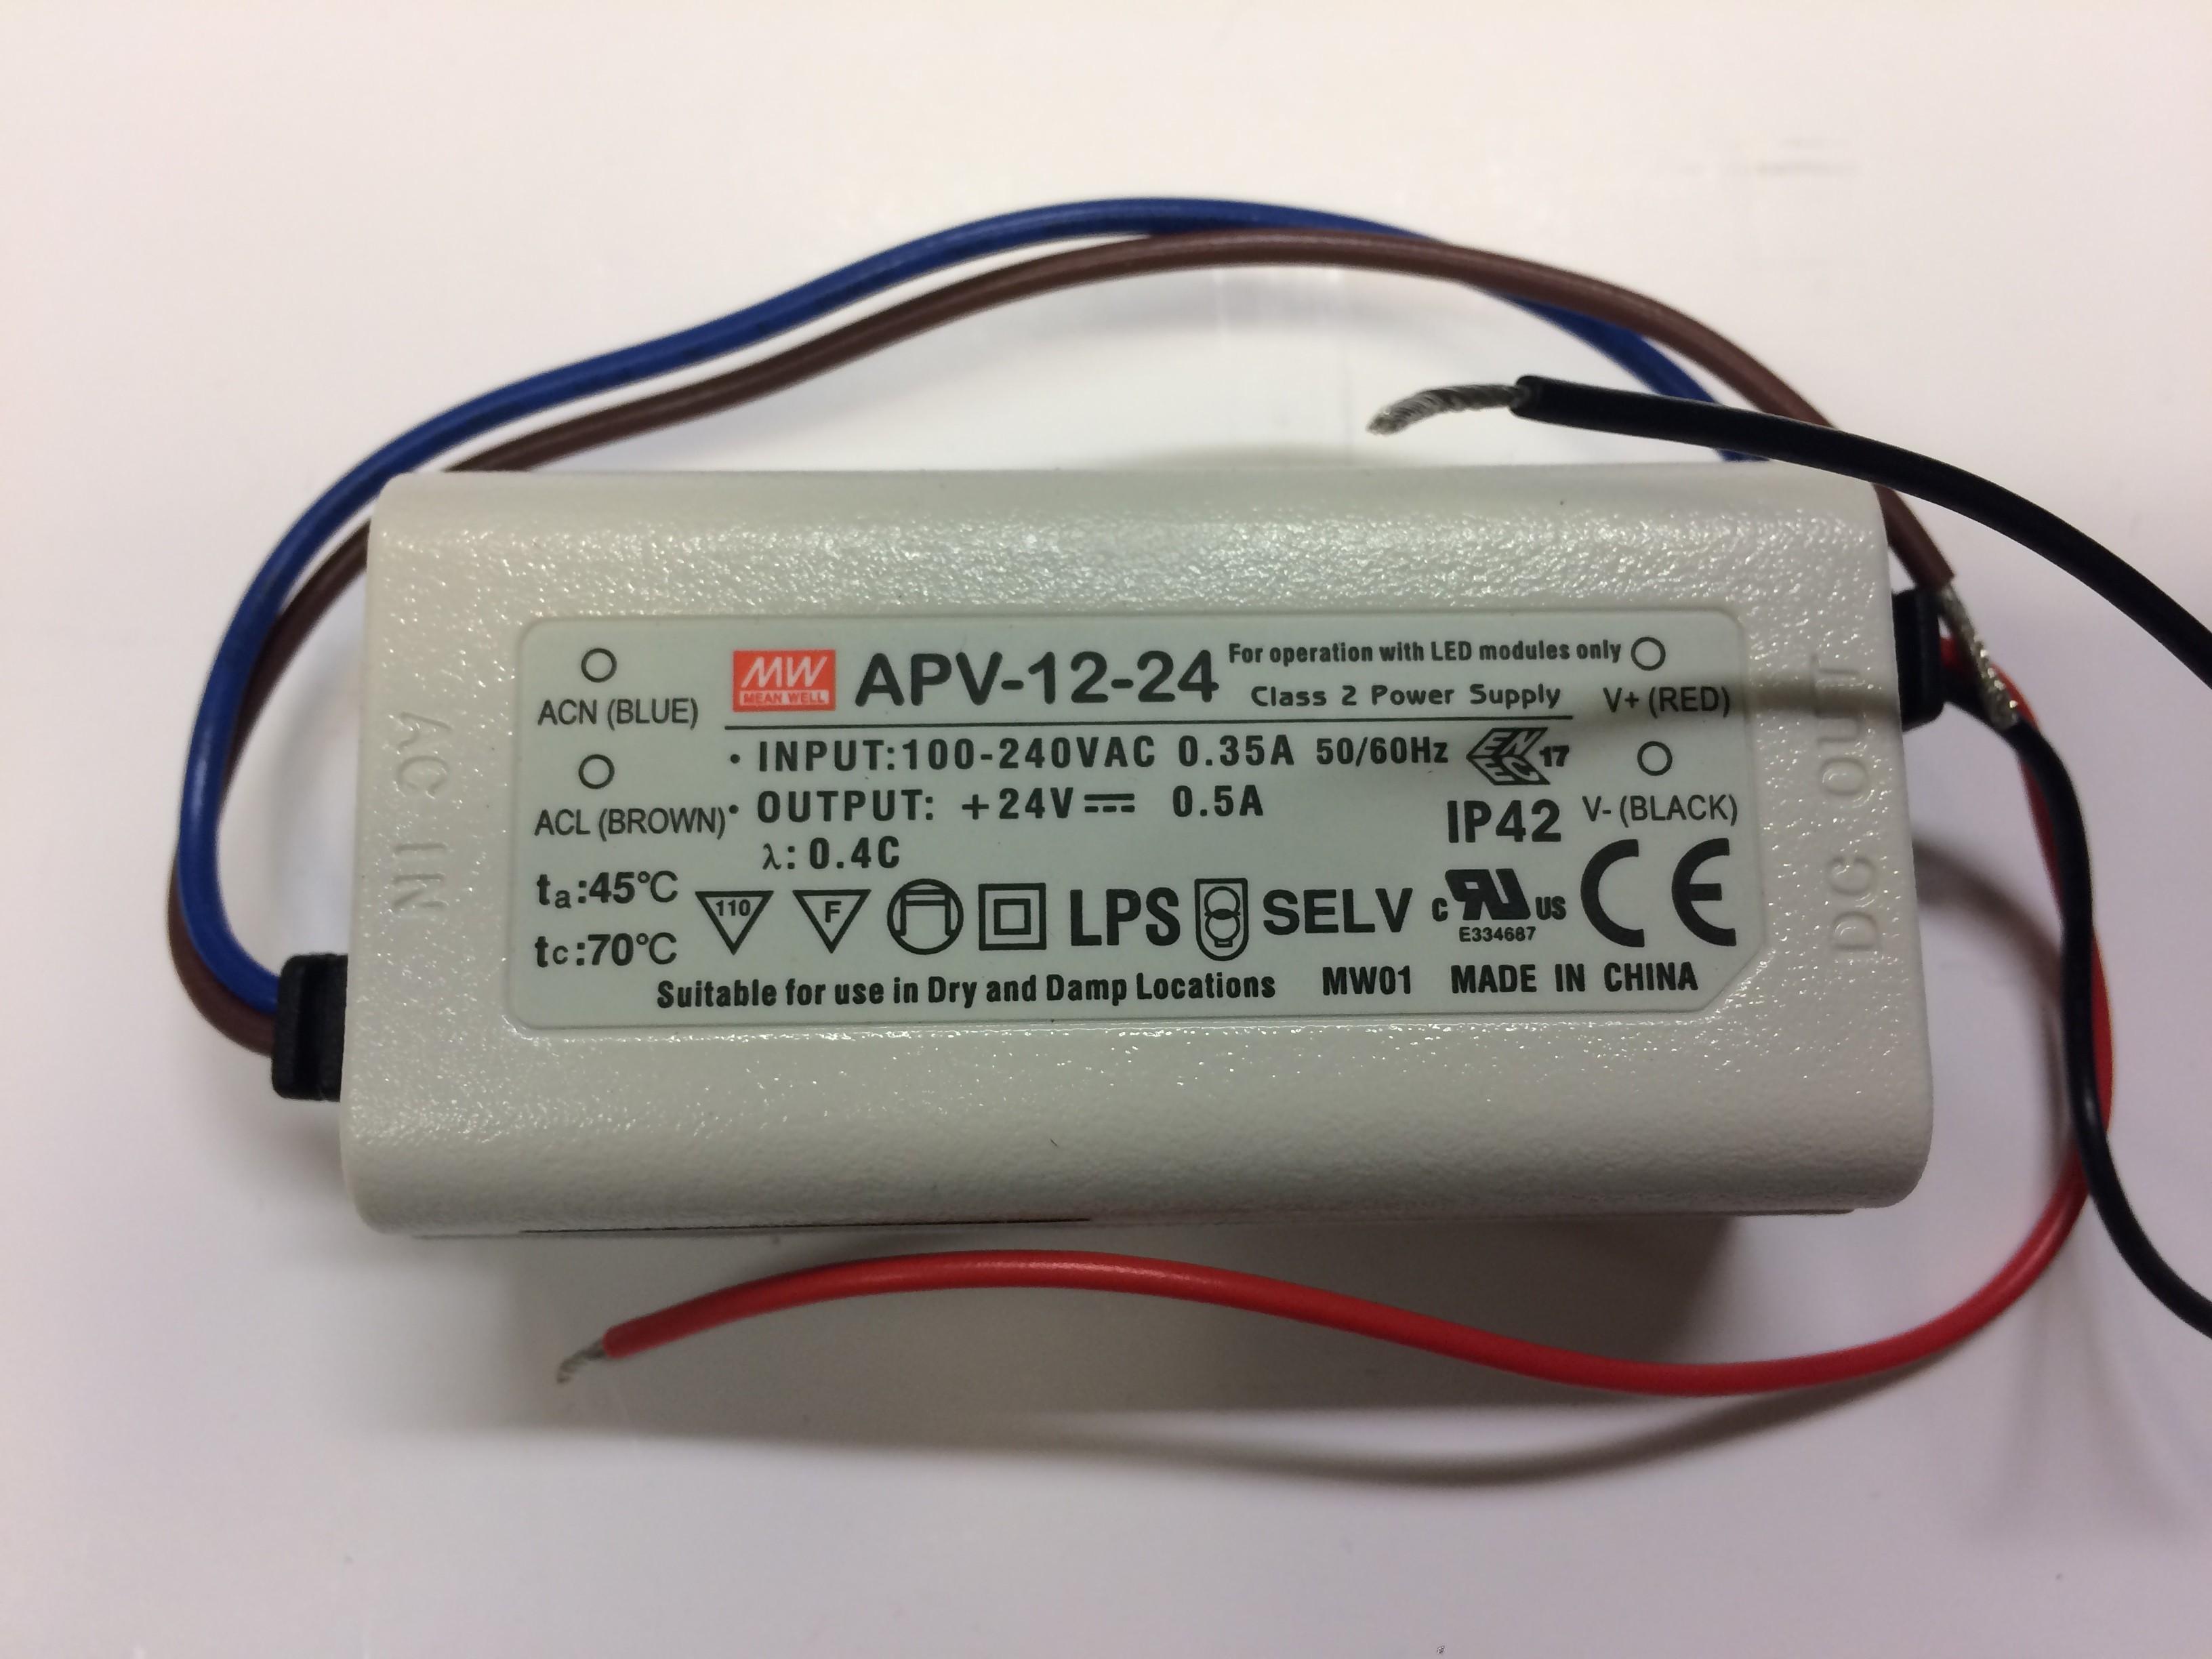 Rhino Moscow-293/Toronto-458 LED Lighting Transformer (APV-12-24 Meanwell)